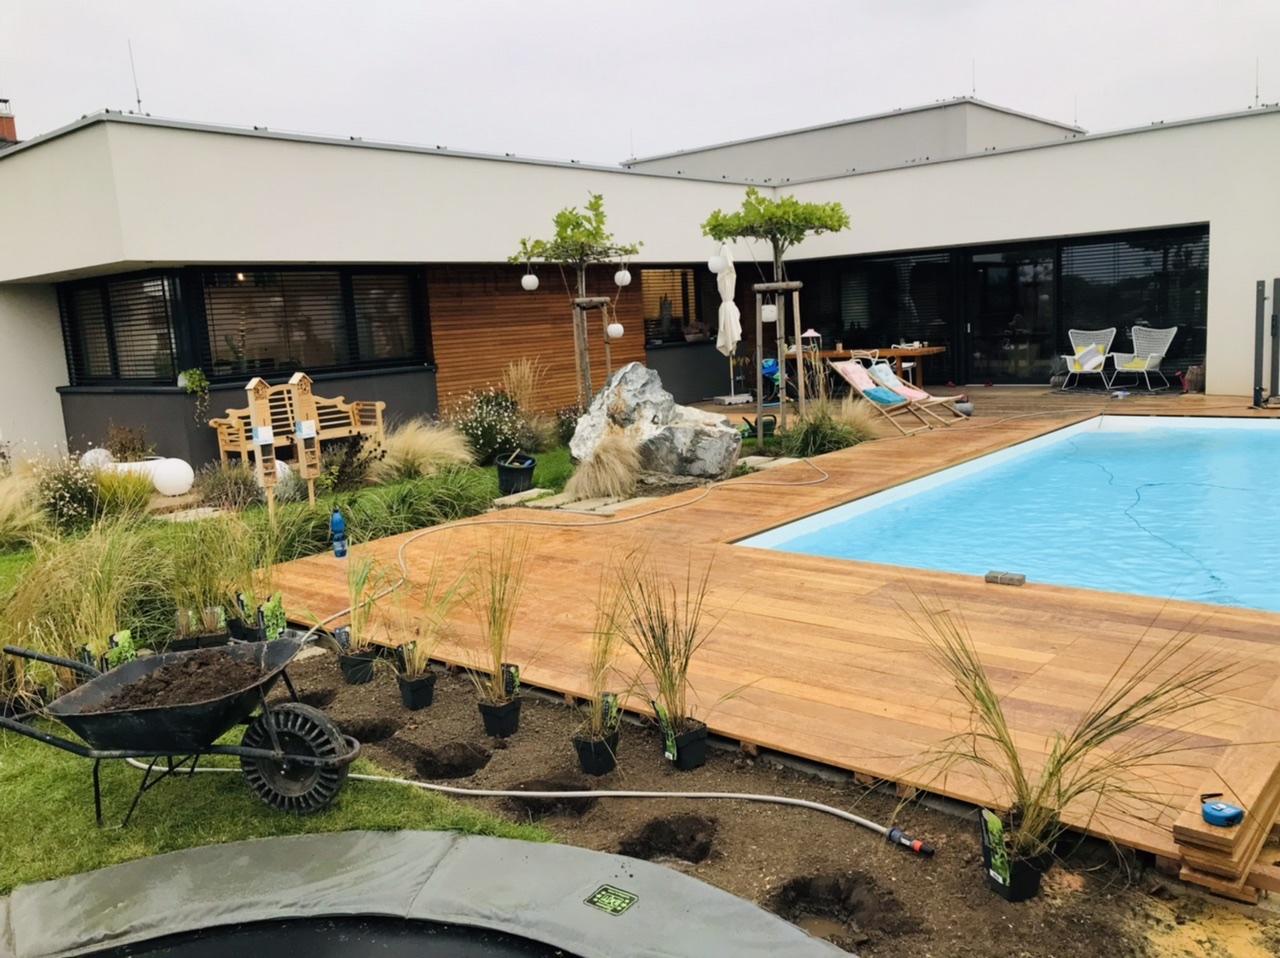 Naše L-ko - 2021 - stále dokončujeme - Výsadba okrasných tráv za bazénom. Trávy budu 2 radové, štíhle, cca 150 cm výška , budu z istych strán prekrývat prestrešenie bazéna..